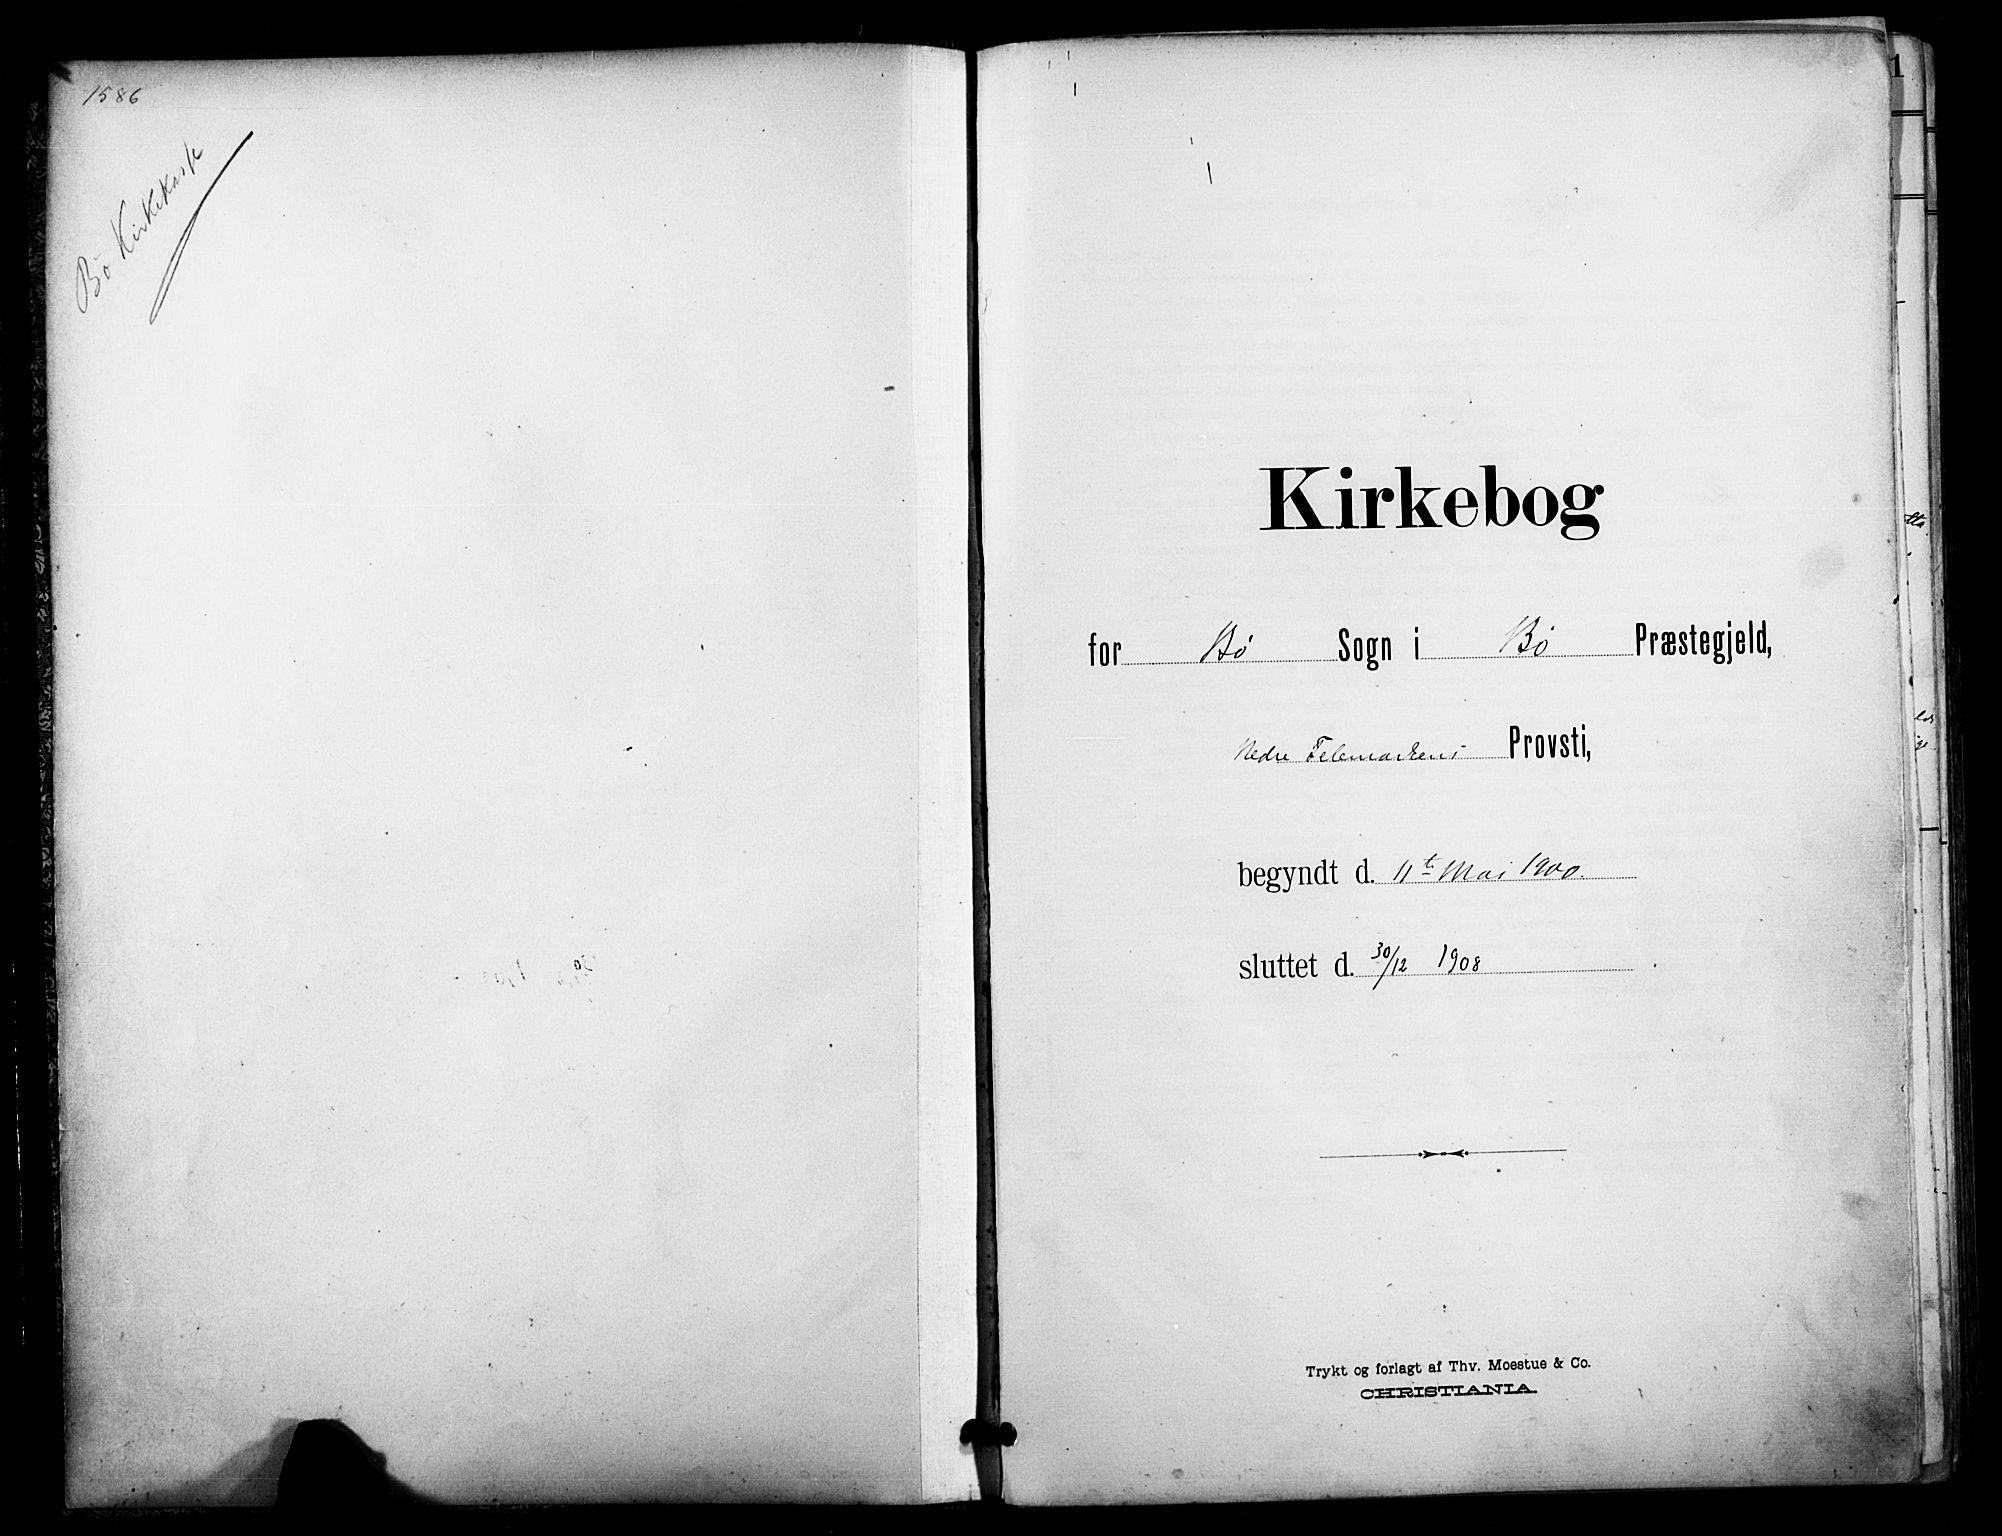 SAKO, Bø kirkebøker, F/Fa/L0012: Ministerialbok nr. 12, 1900-1908